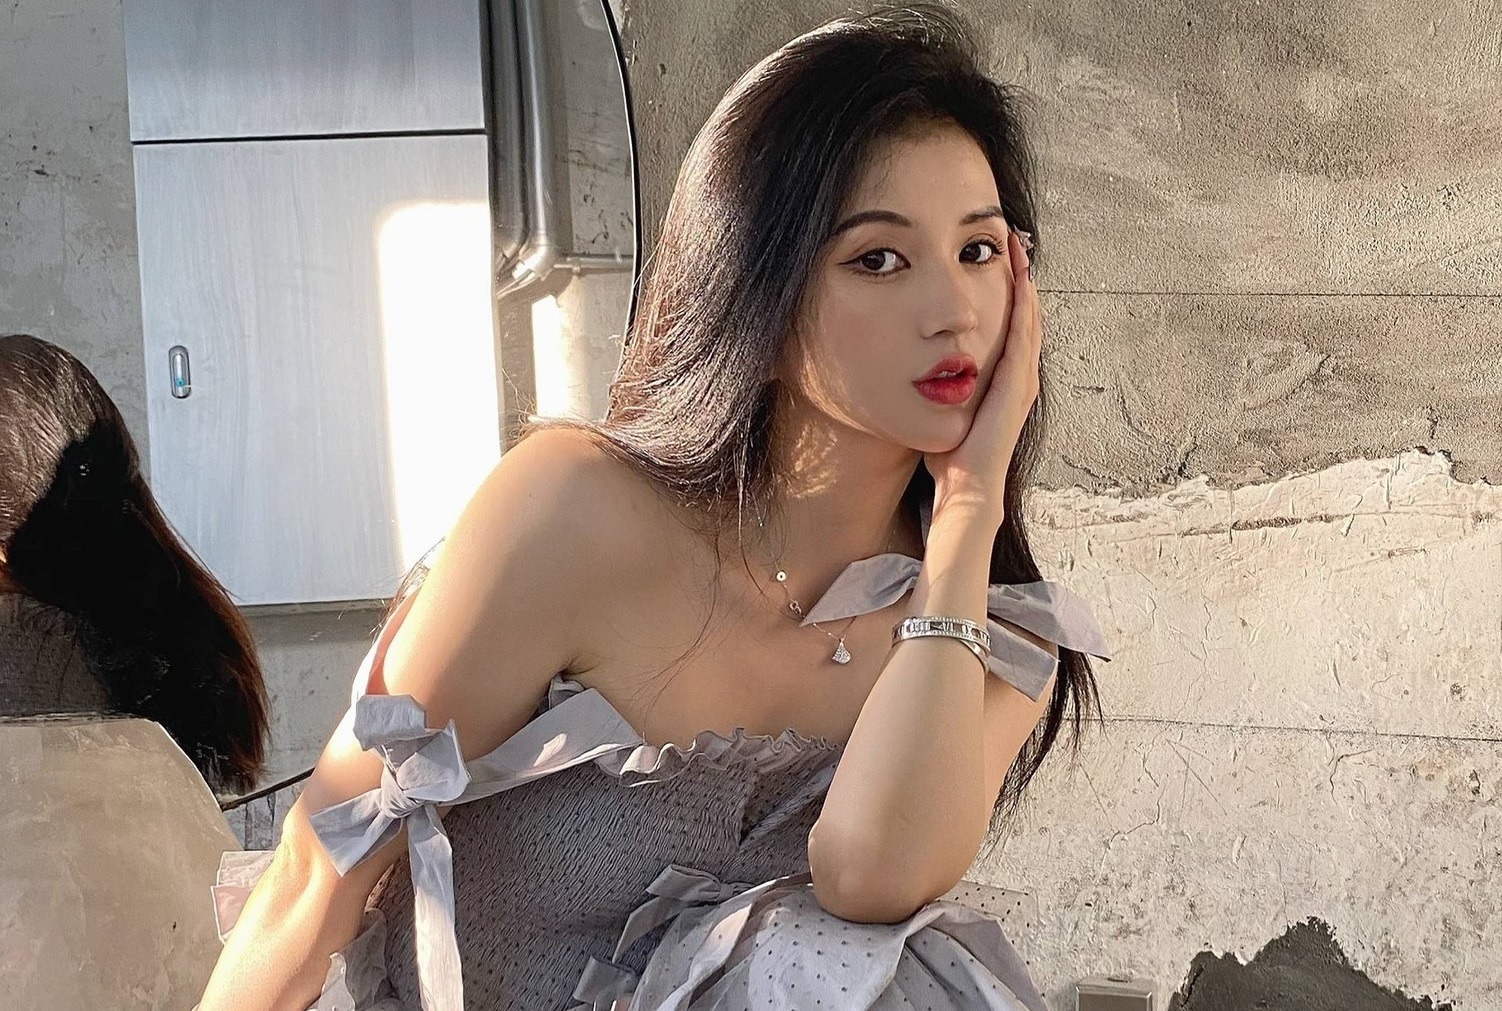 Cái chết trẻ của người mẫu Tiểu Nhiễm và bi kịch thẩm mỹ ở showbiz